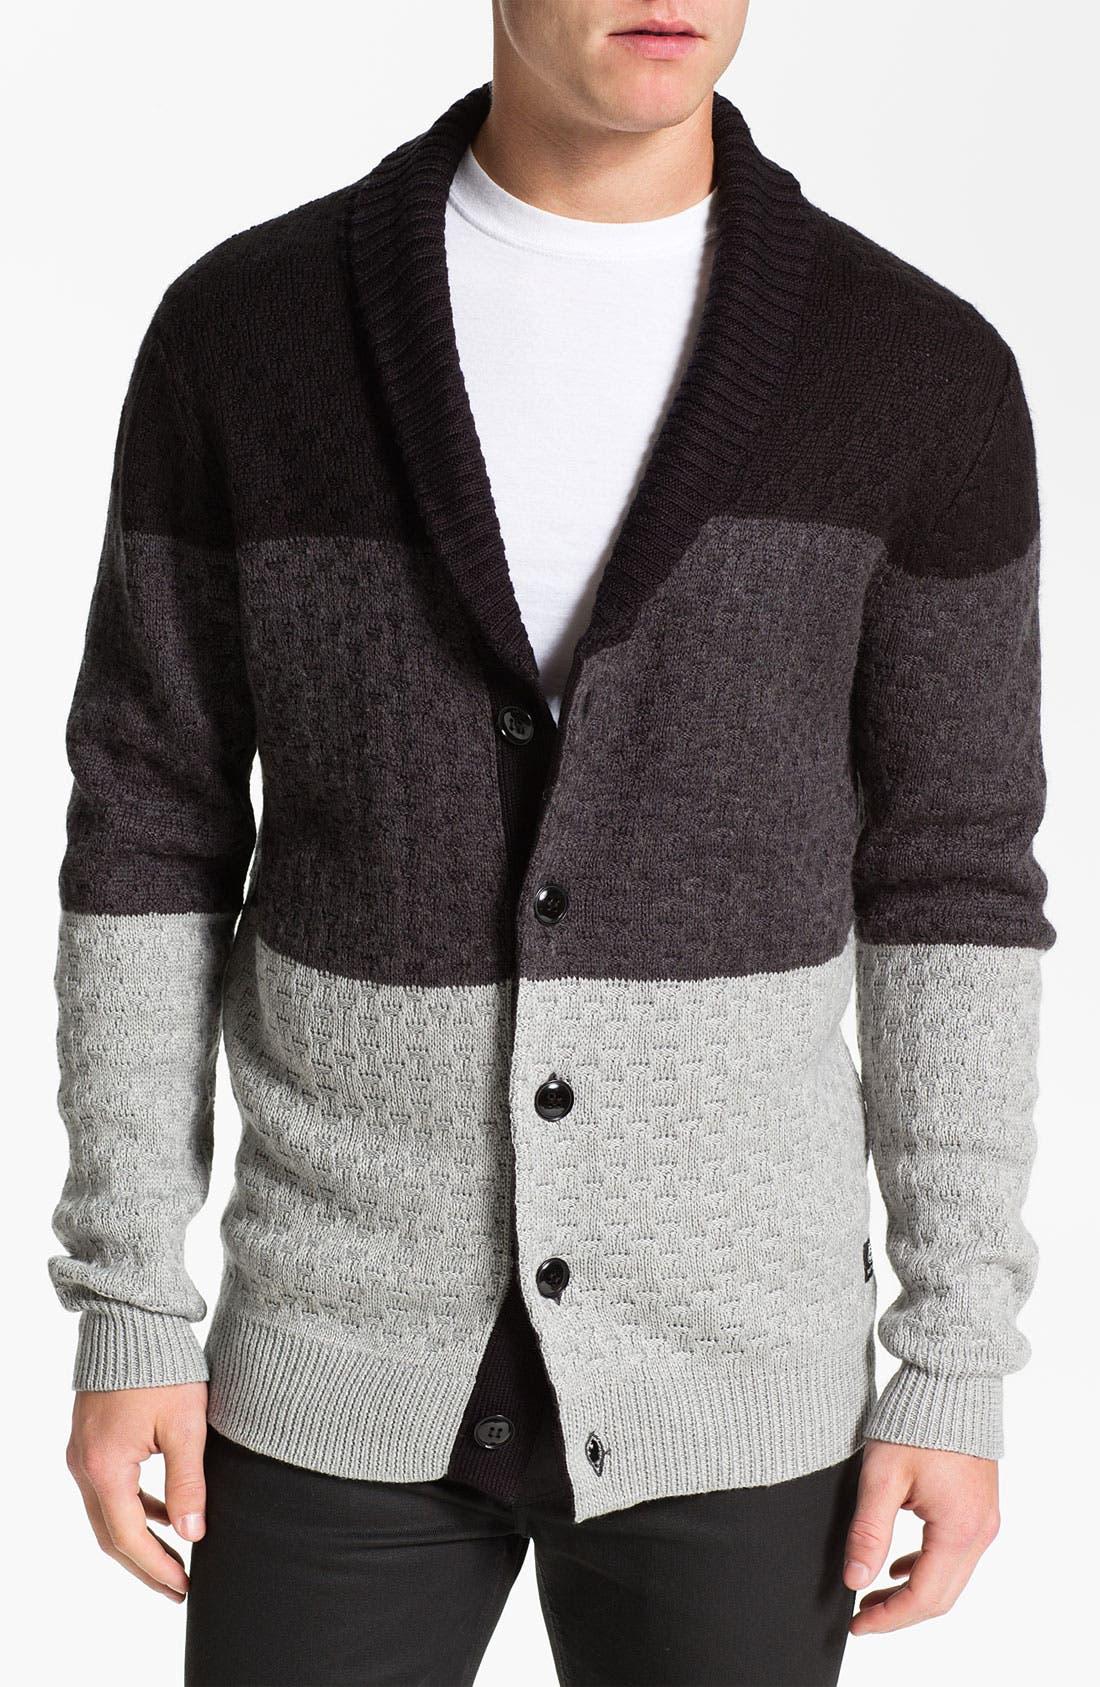 Main Image - 55DSL 'Kanfyl' Shawl Collar Cardigan